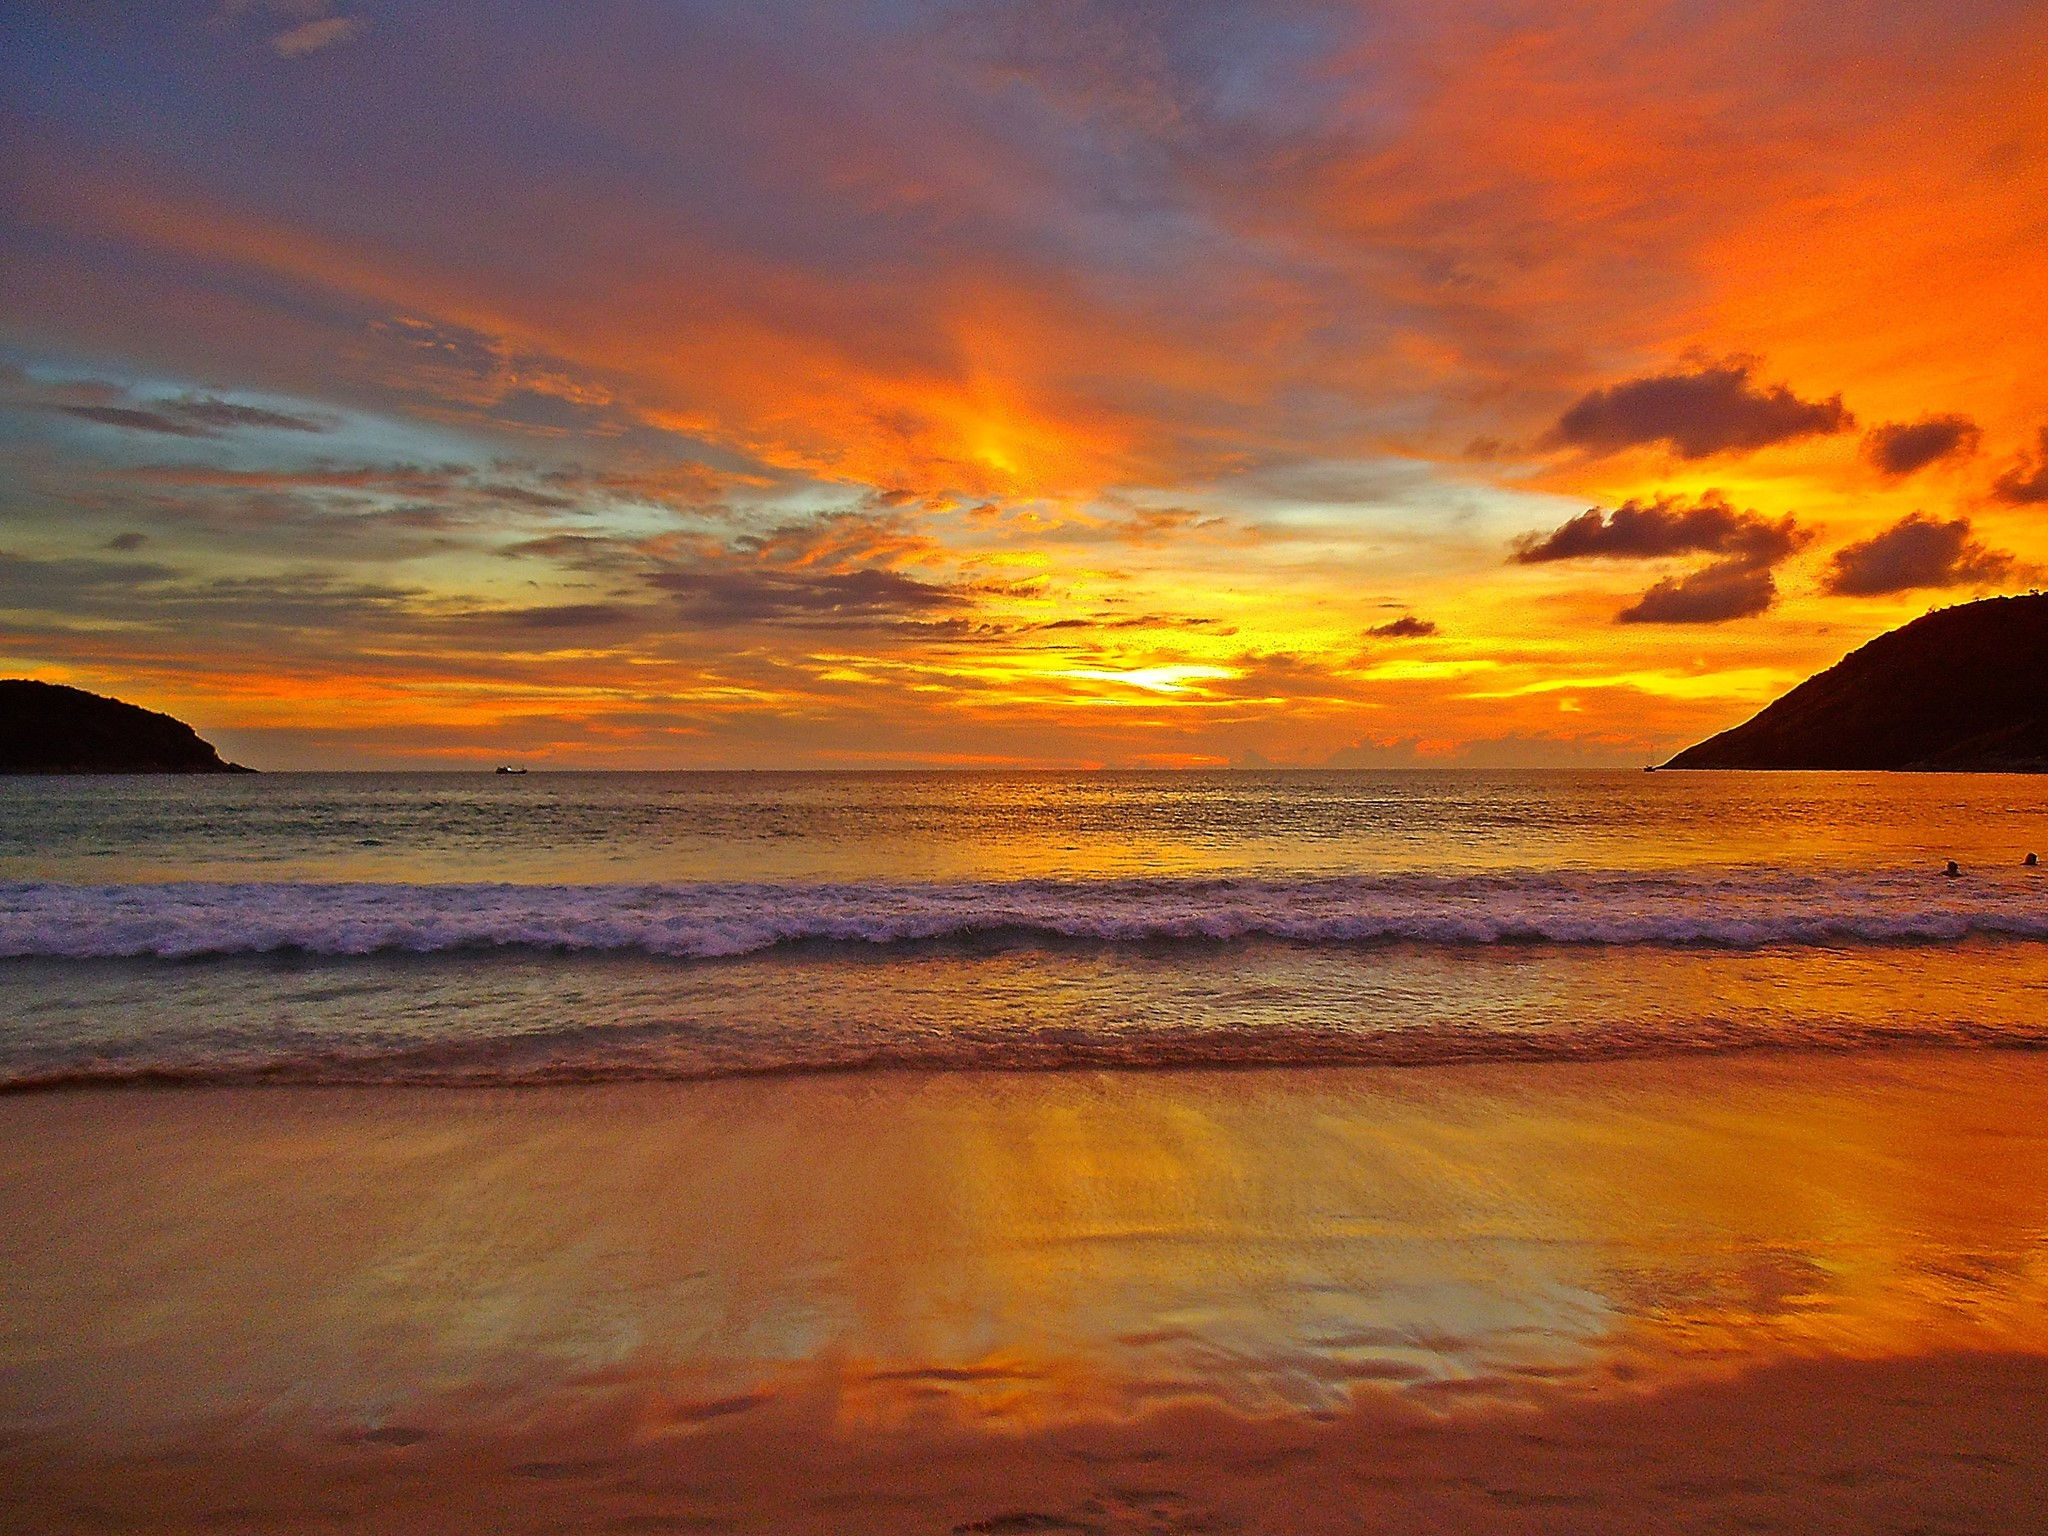 золотистый закат над морем  № 184516  скачать